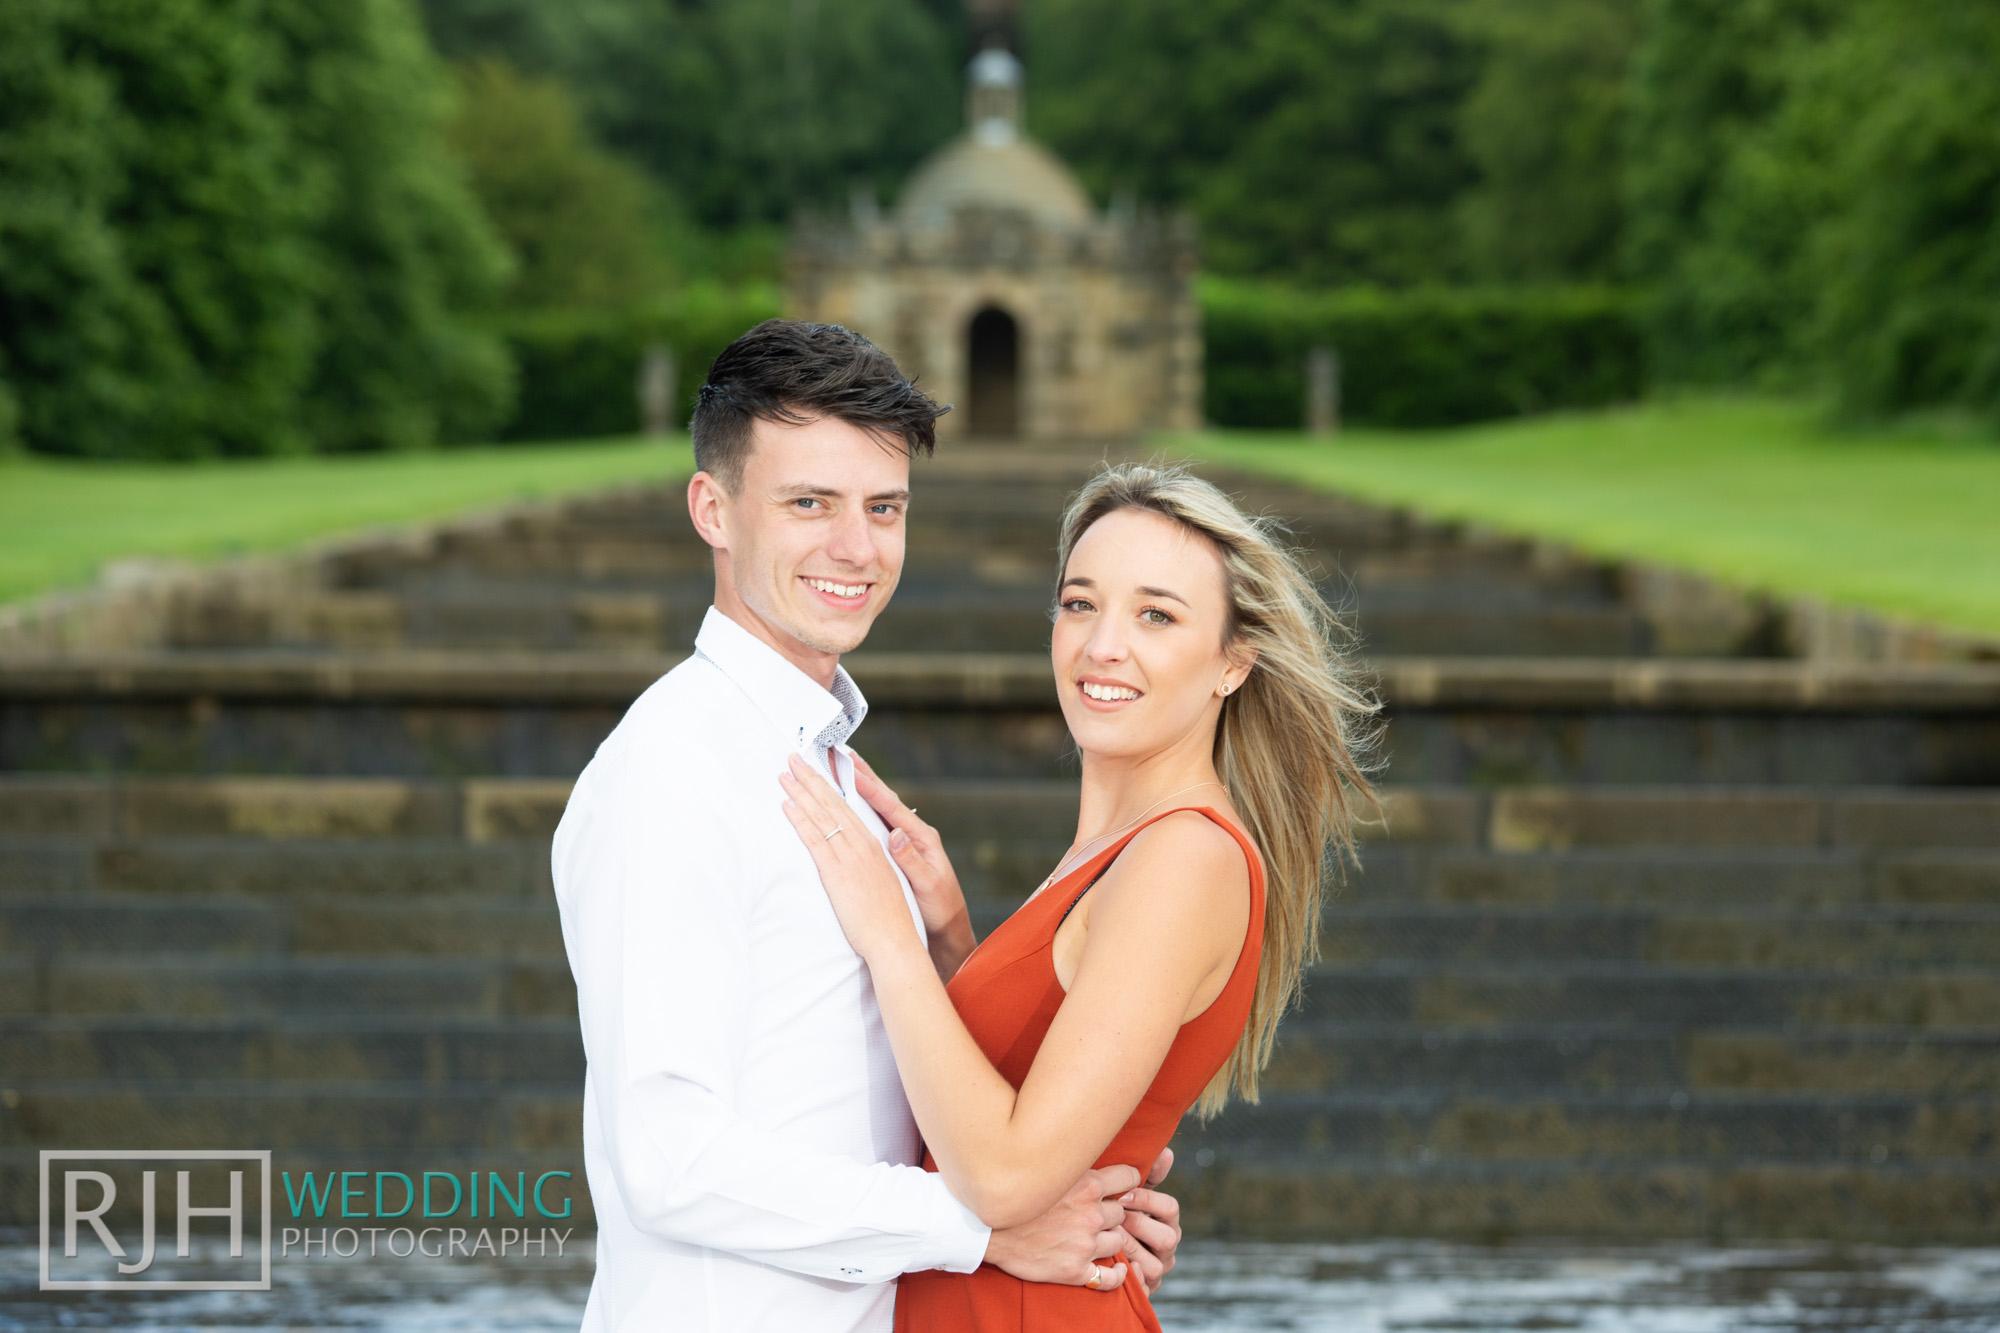 Chatsworth House Wedding Photographer_Glen & Lauren_036_RJH10367.jpg